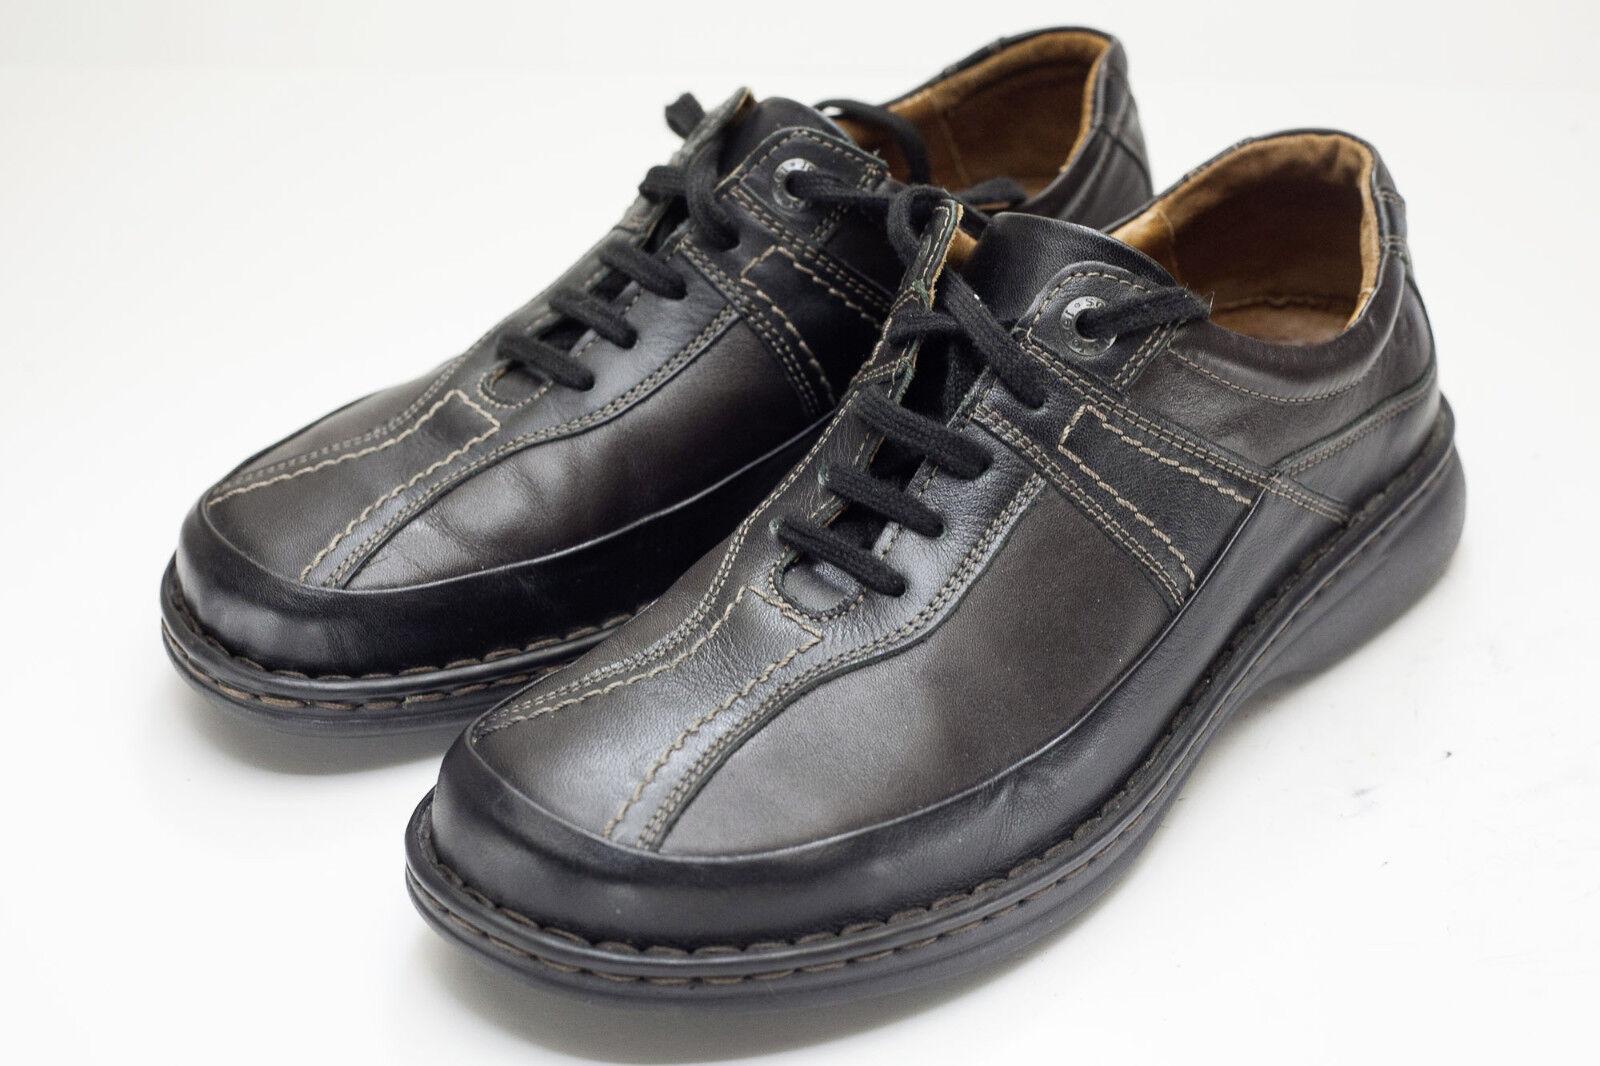 Josef Seibel 9.5 Black Brown Oxfords Women's shoes EU 41